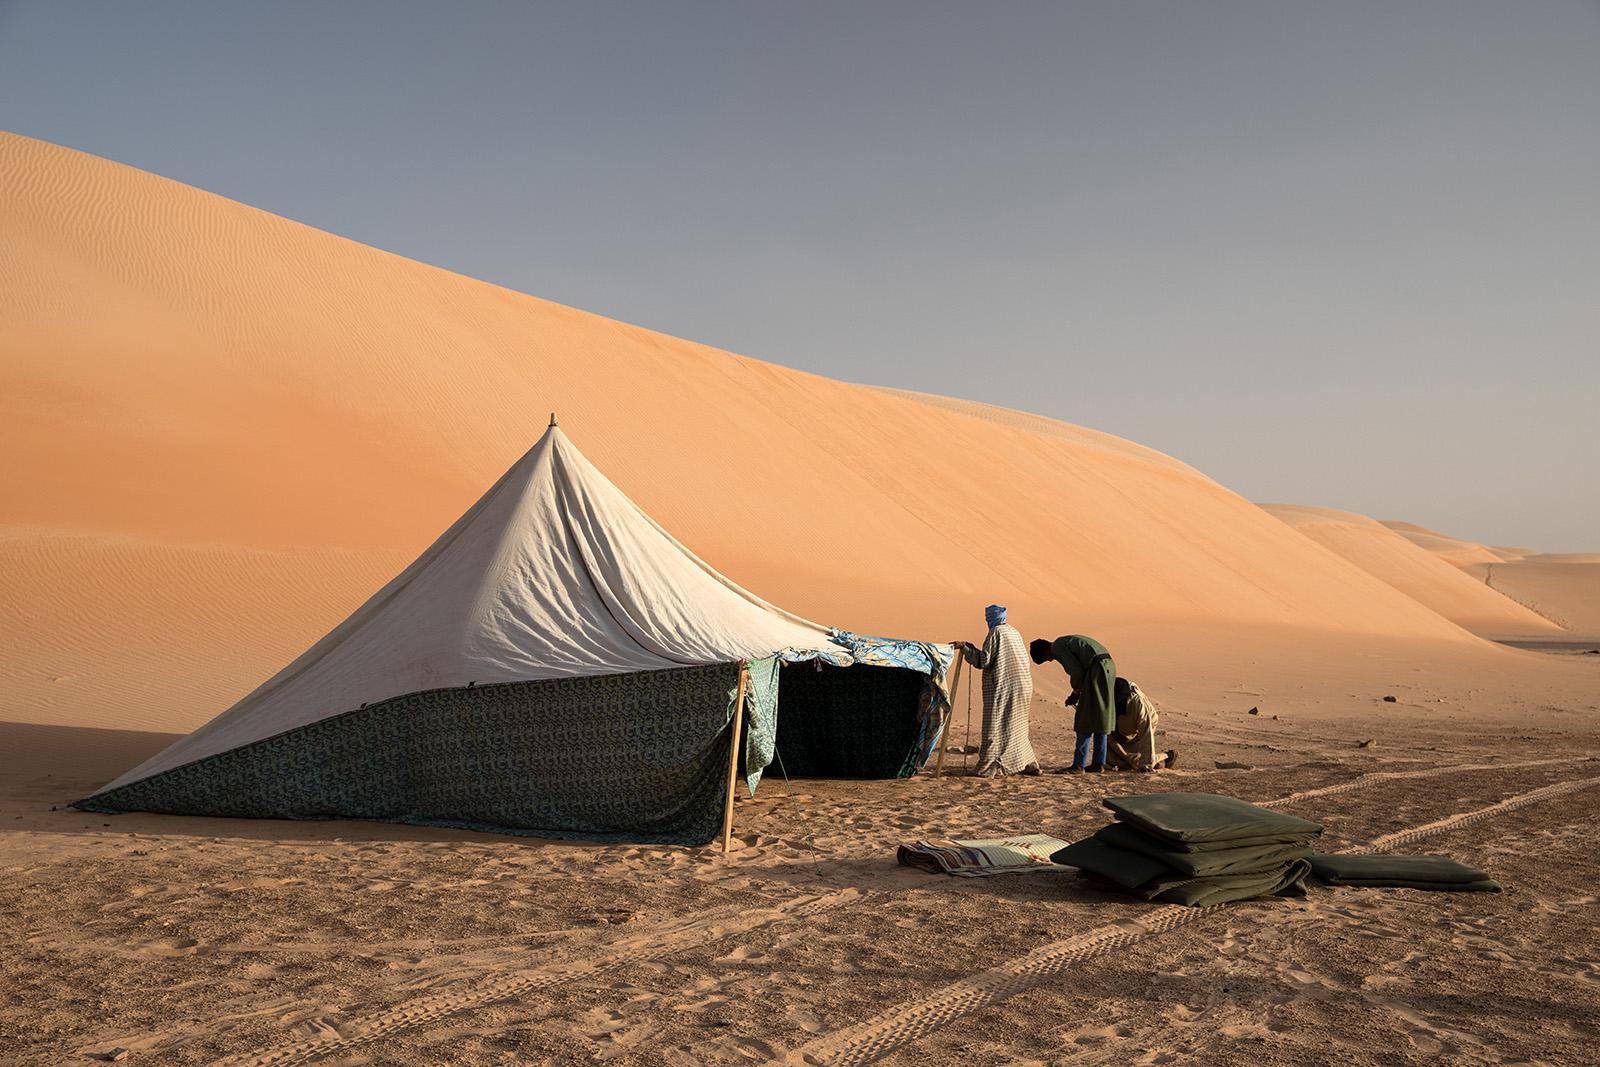 Campement dans le désert du Sahara